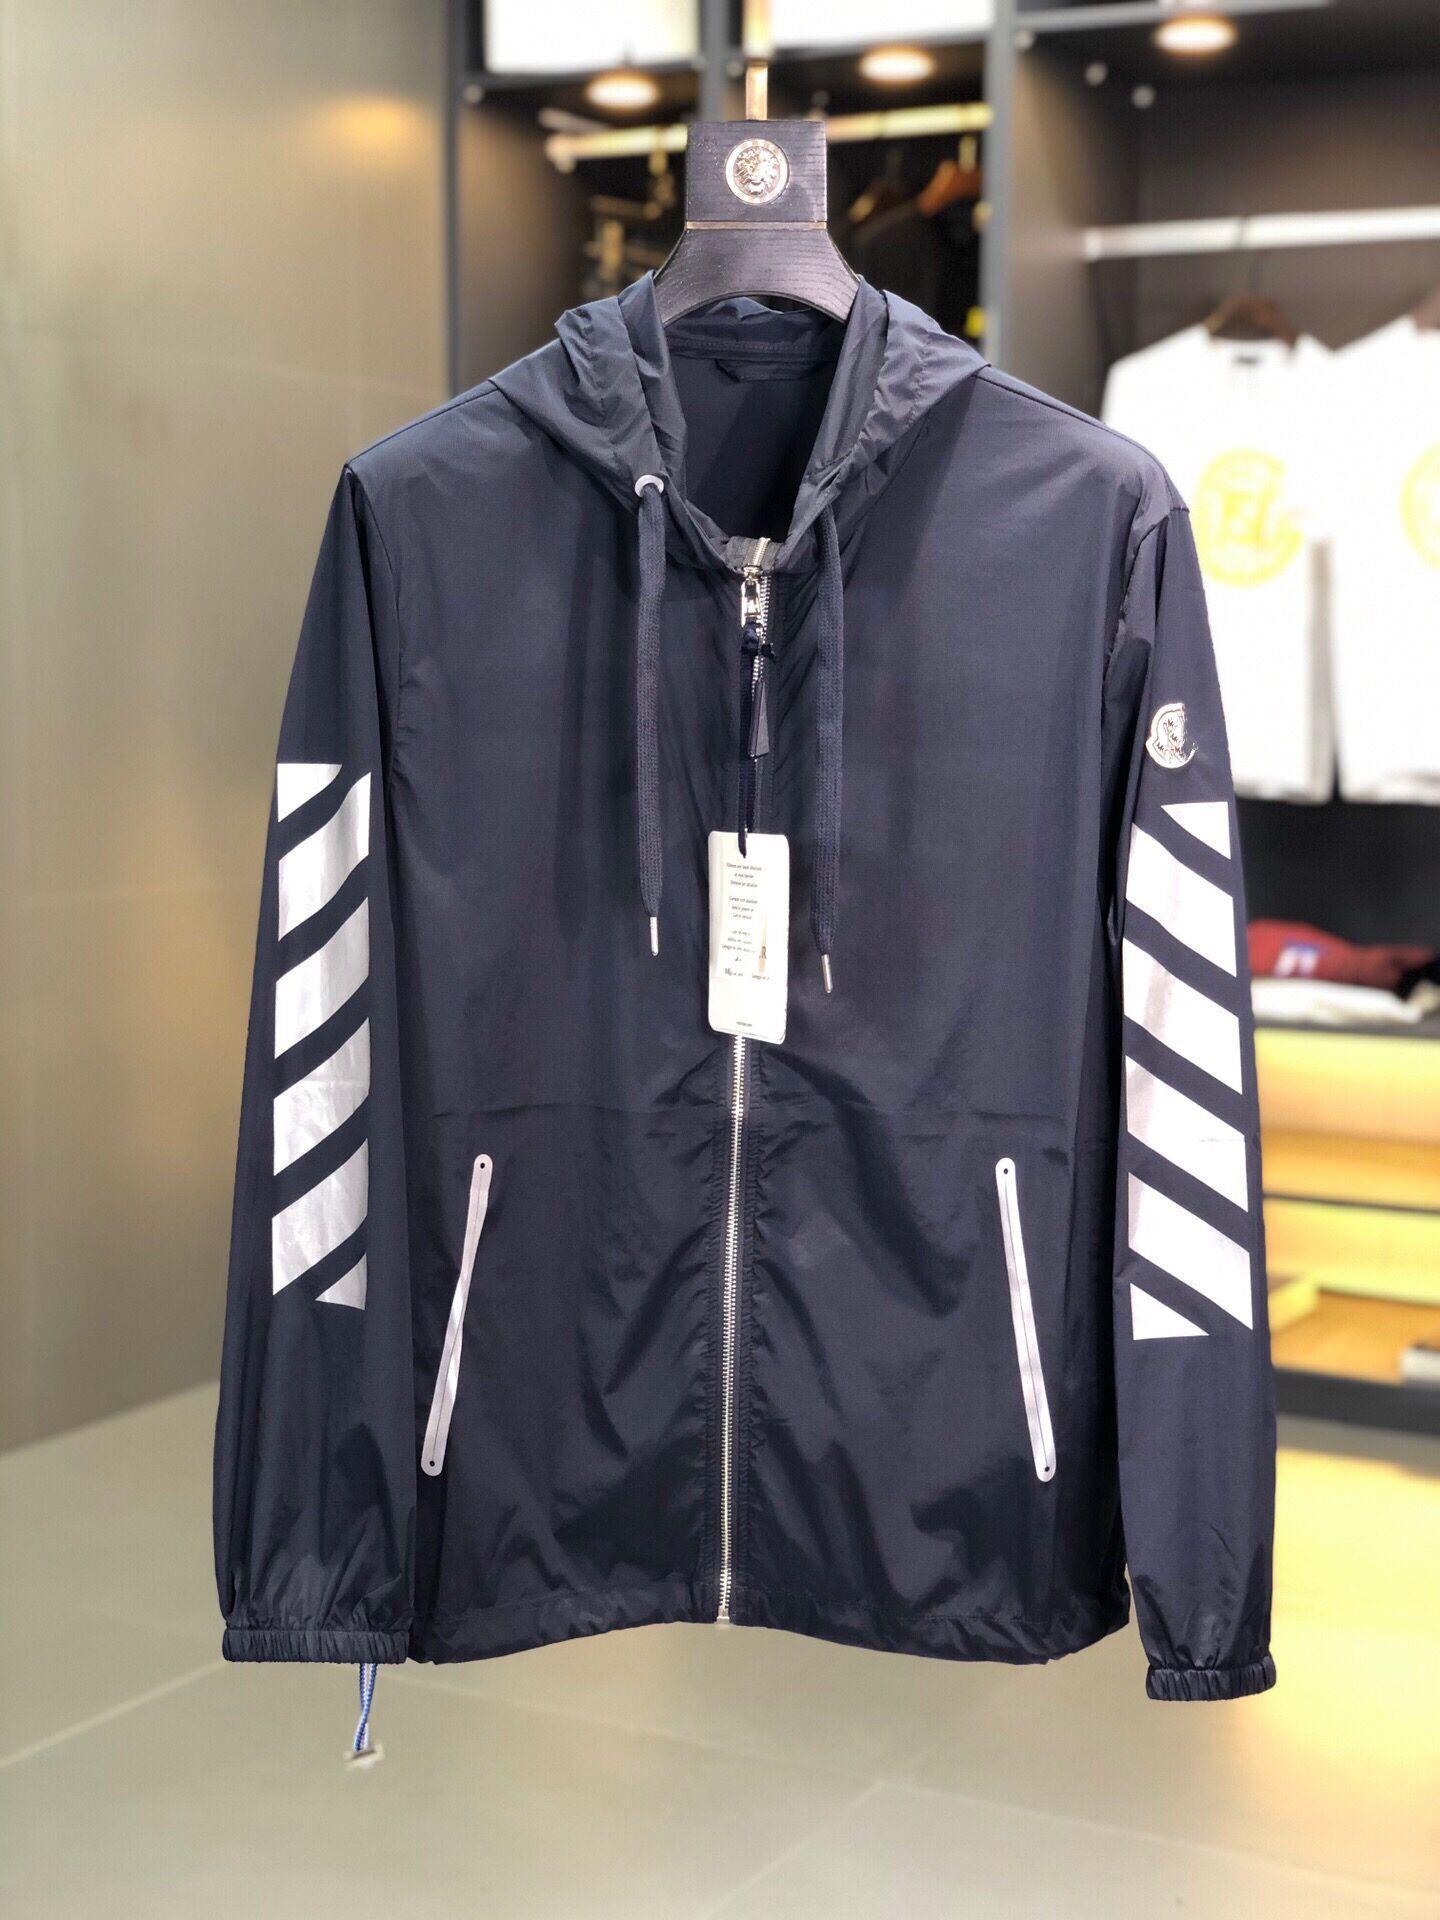 Mode M Mensentwerfer Jacken Männer Qualität Hoodie vermeiden Sonnenlicht Designer-Jacke Langarm-Herren Mantel Luxus-Designer-Kleidung